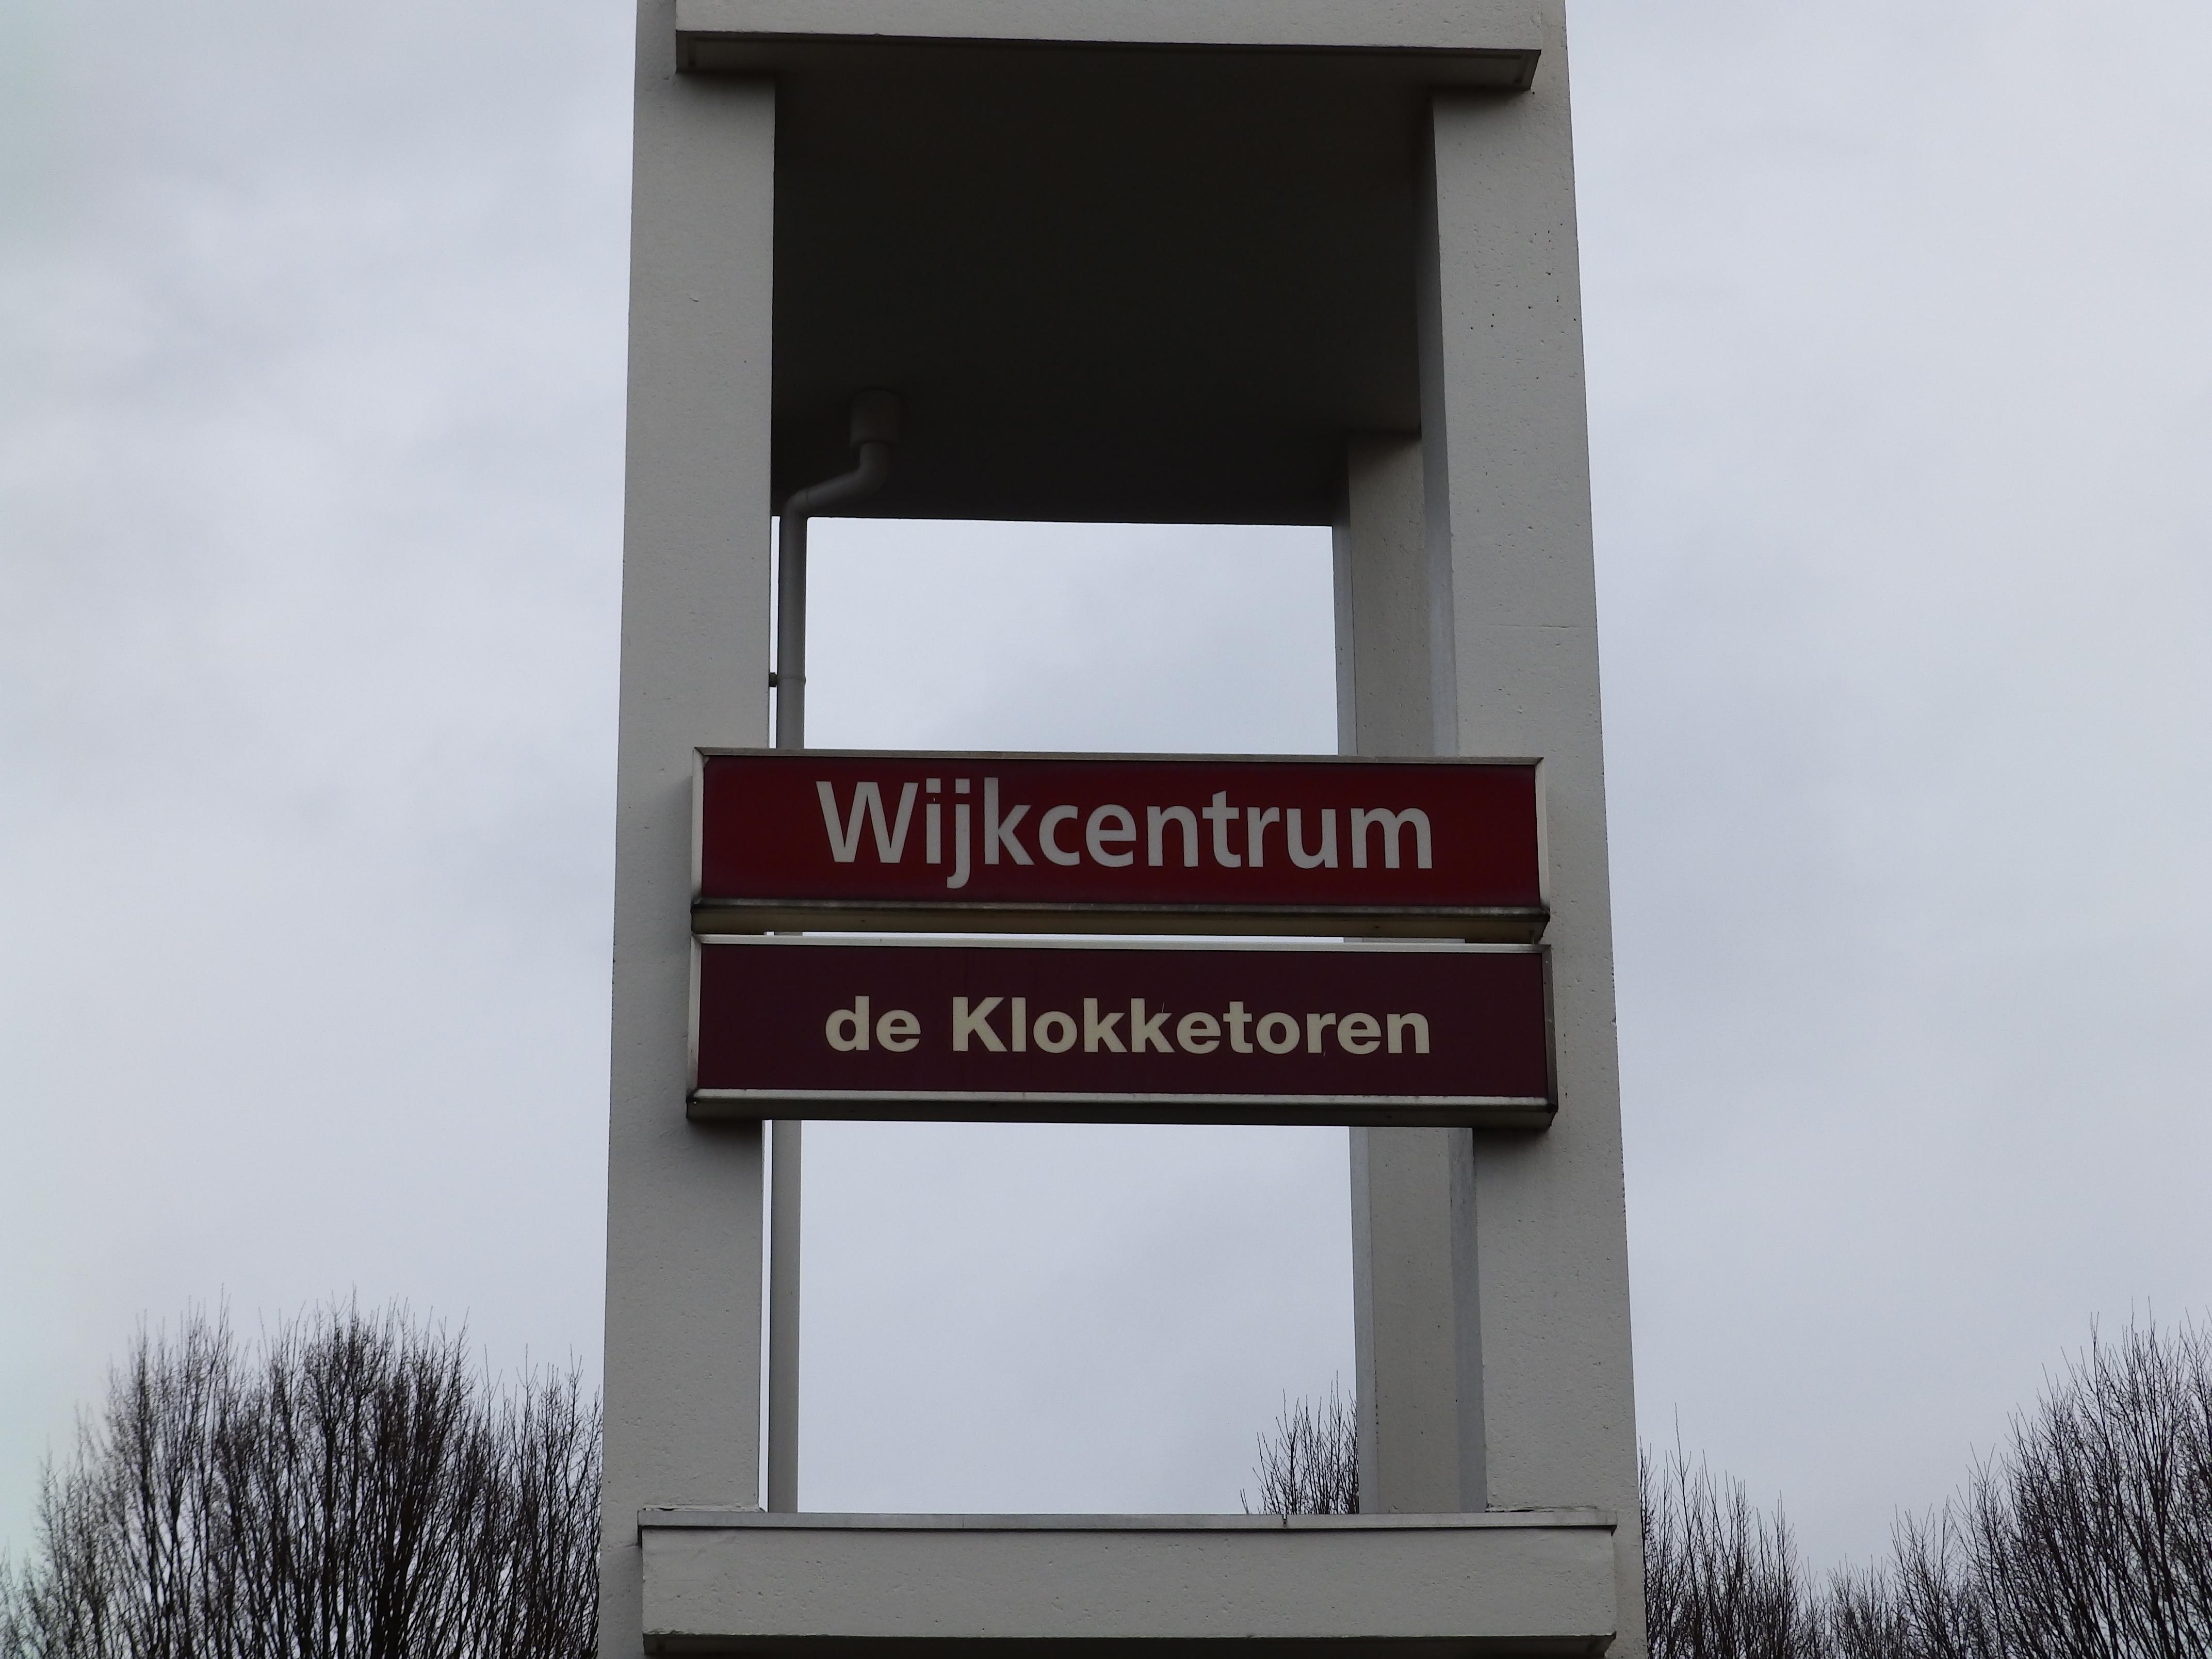 Wijkcentrum de Klokkentoren